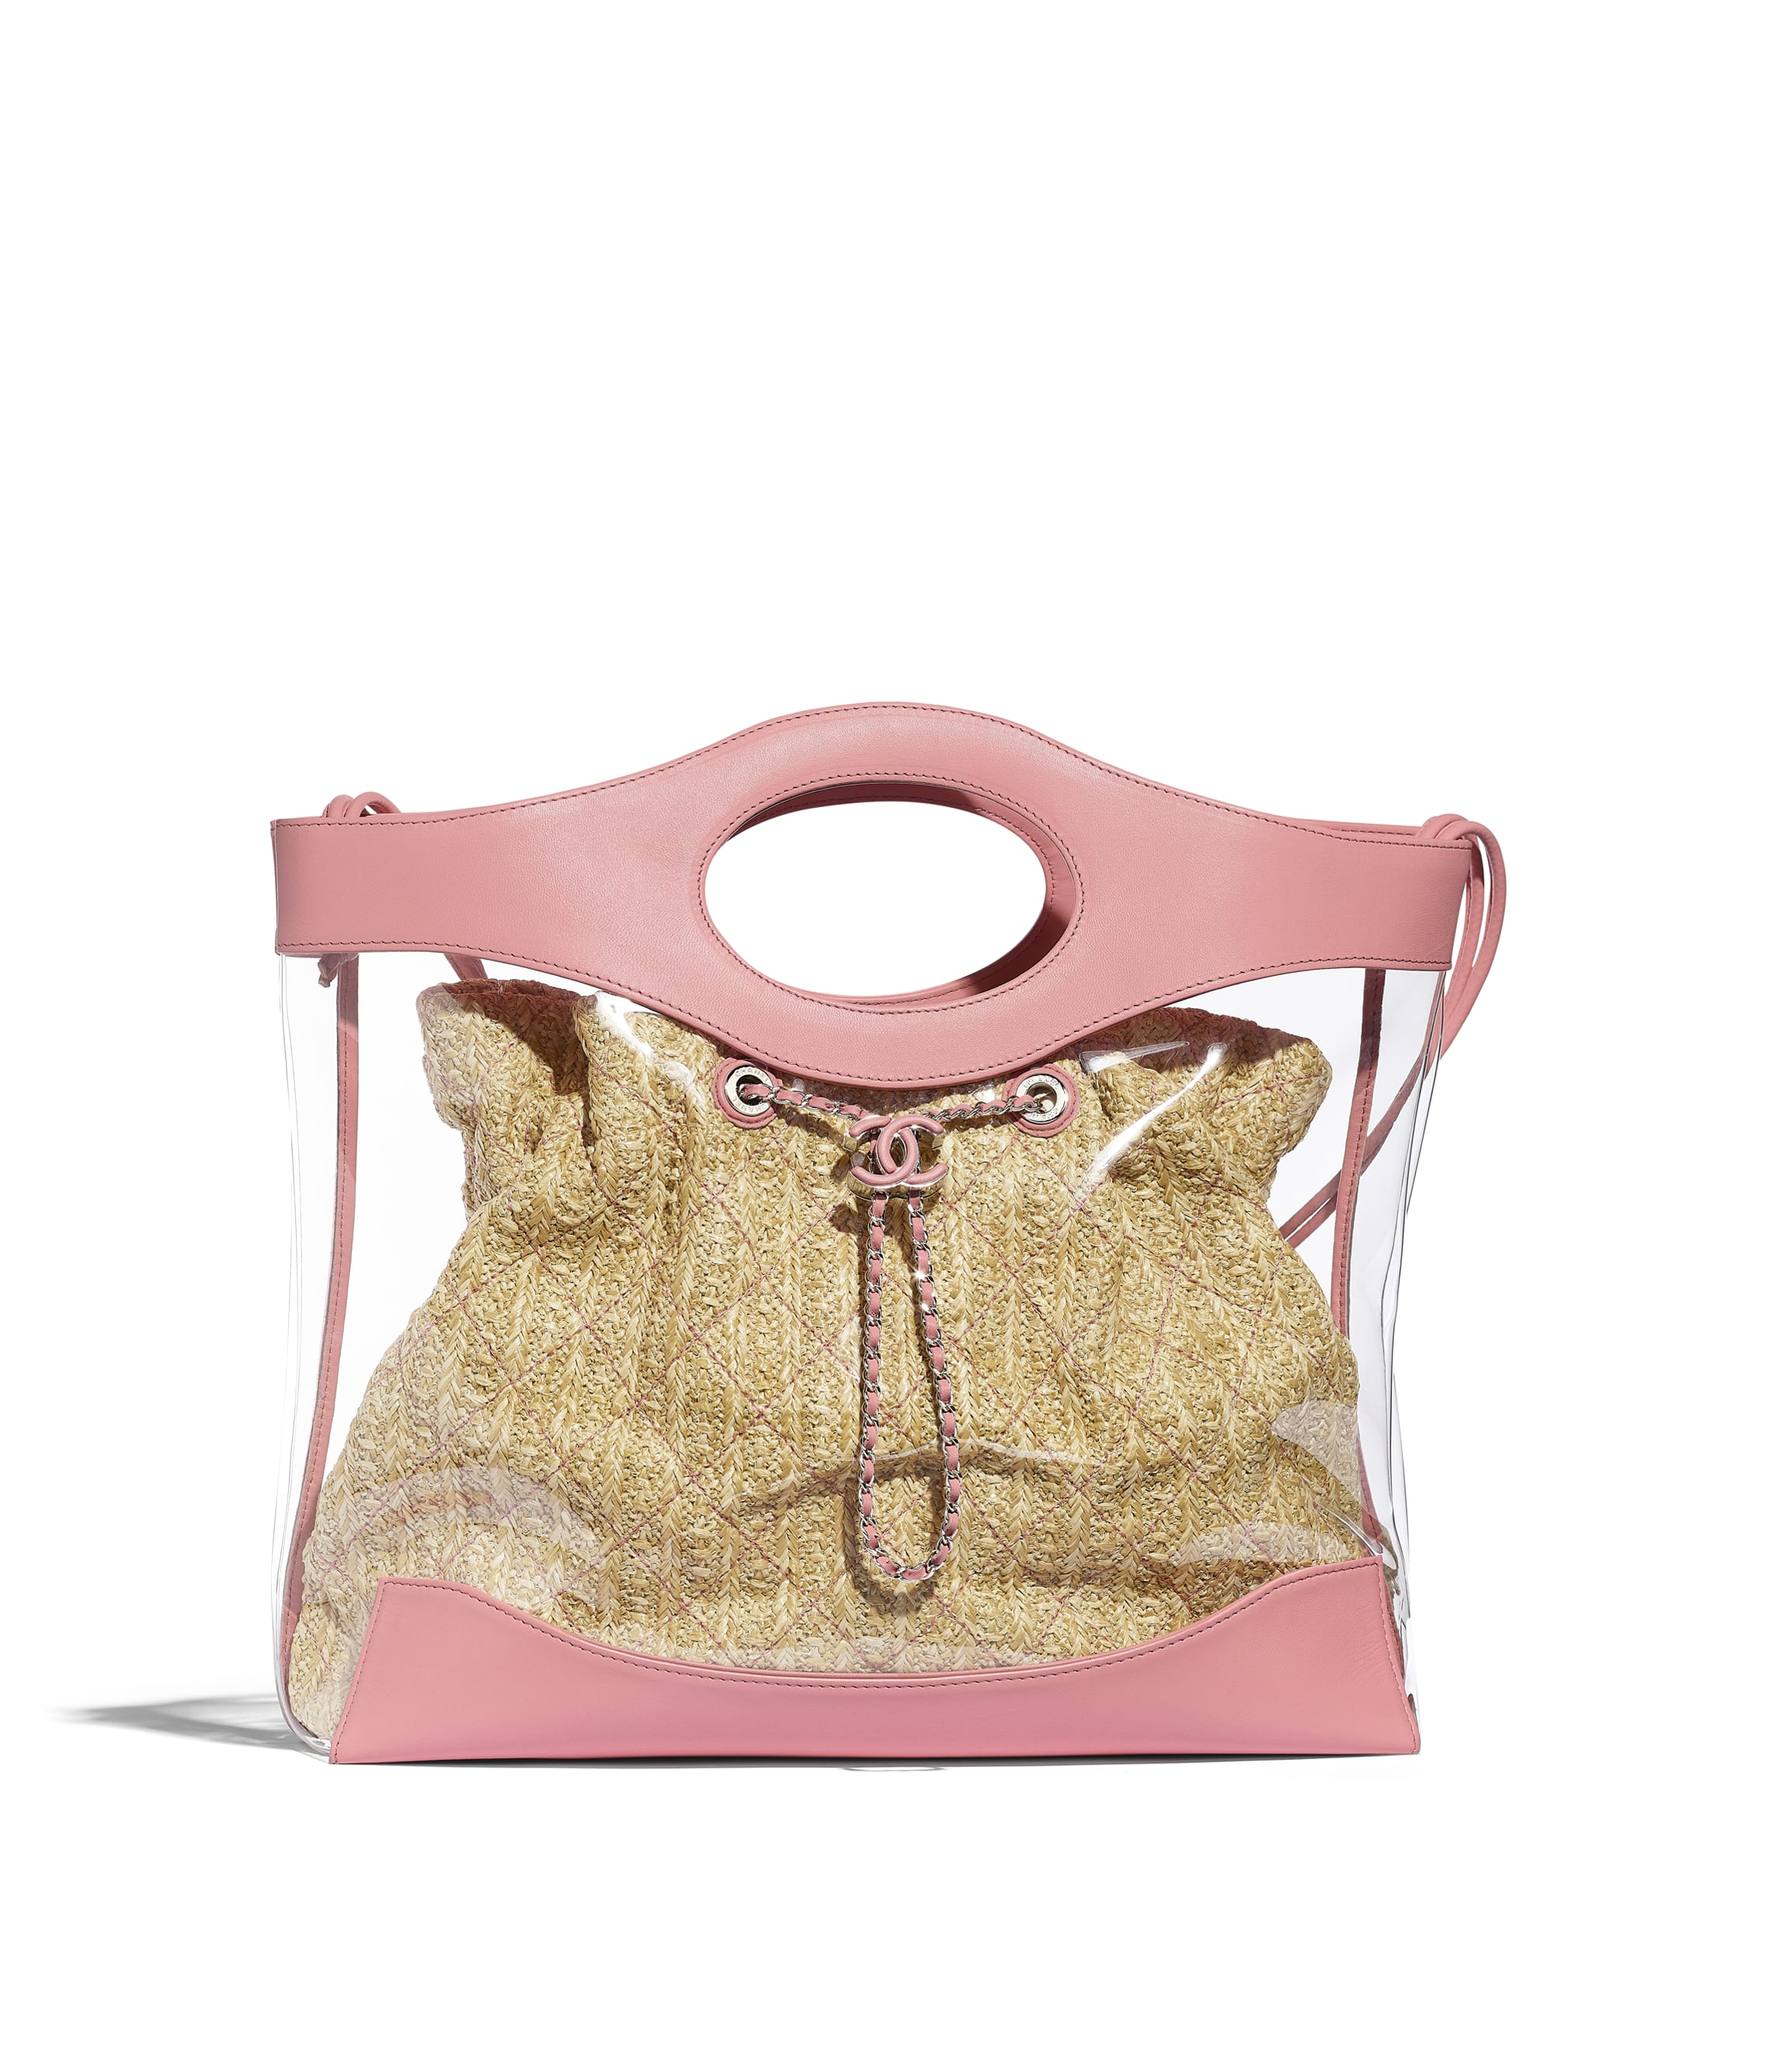 b3227a76176780 Tote Bags - Handbags - CHANEL